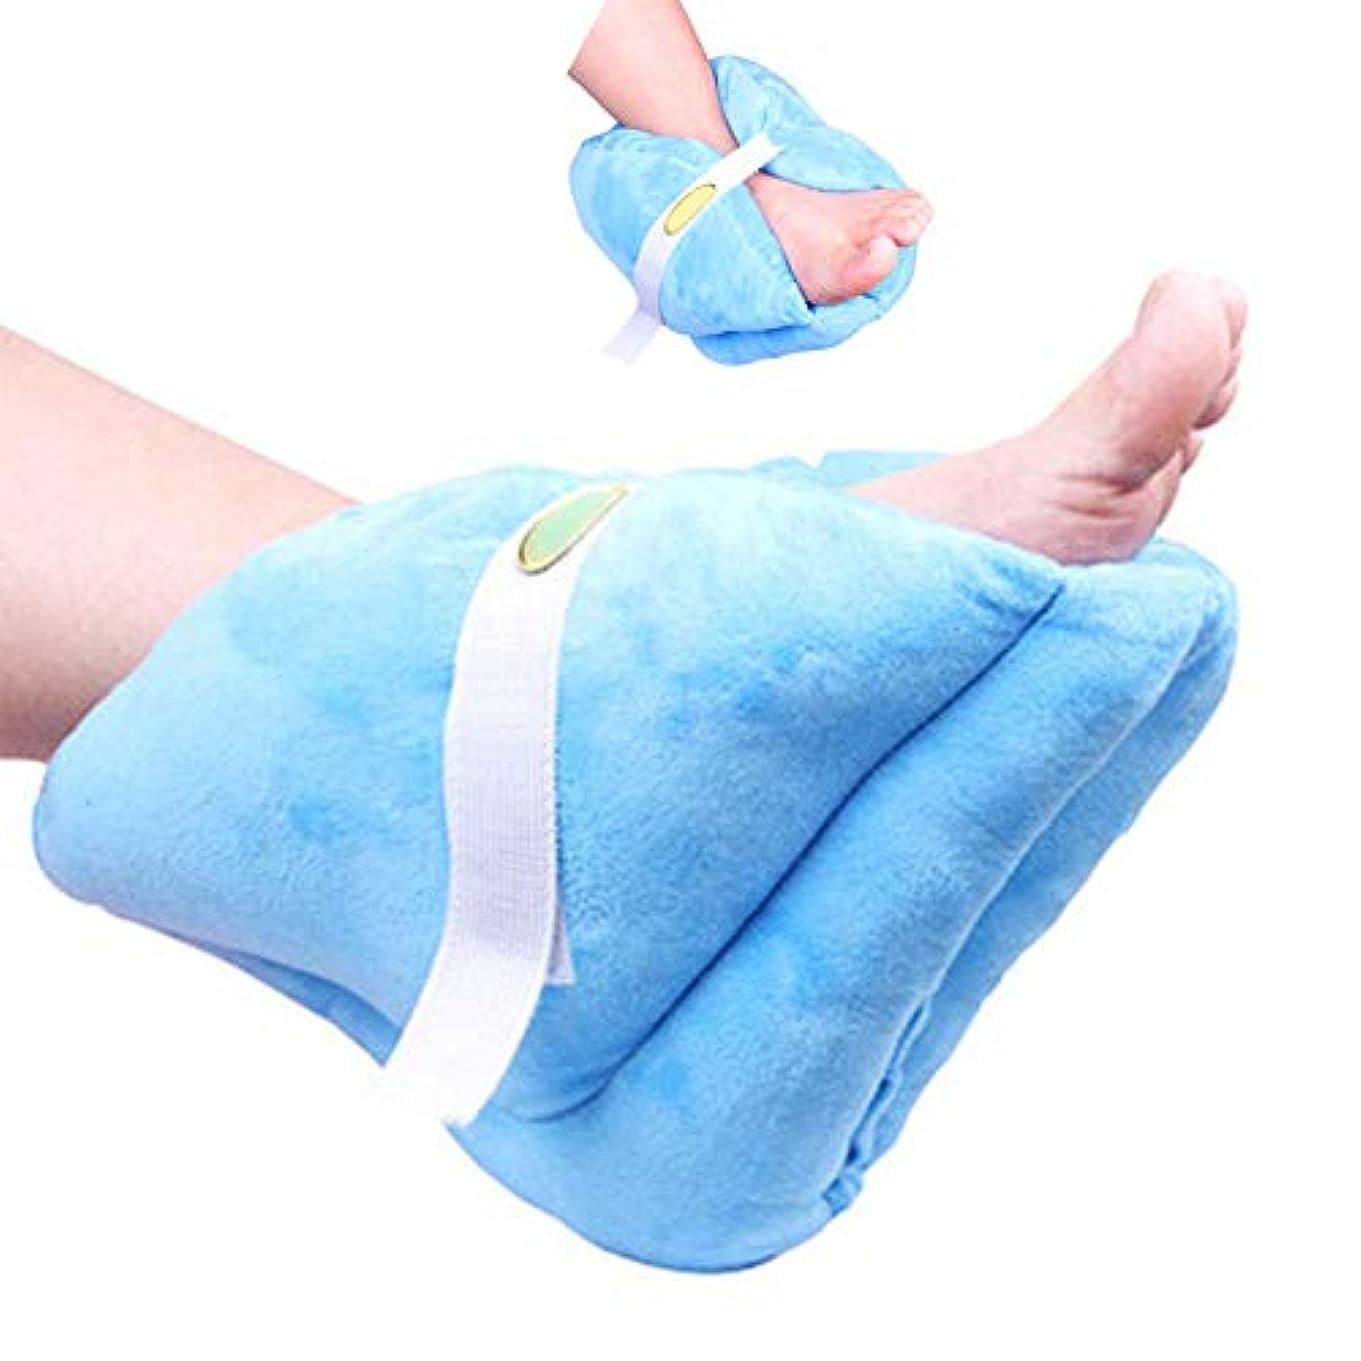 タフうぬぼれ抑圧するヒールクッションプロテクター、足と足首の枕 、足の圧力を緩和し、褥瘡を保護します